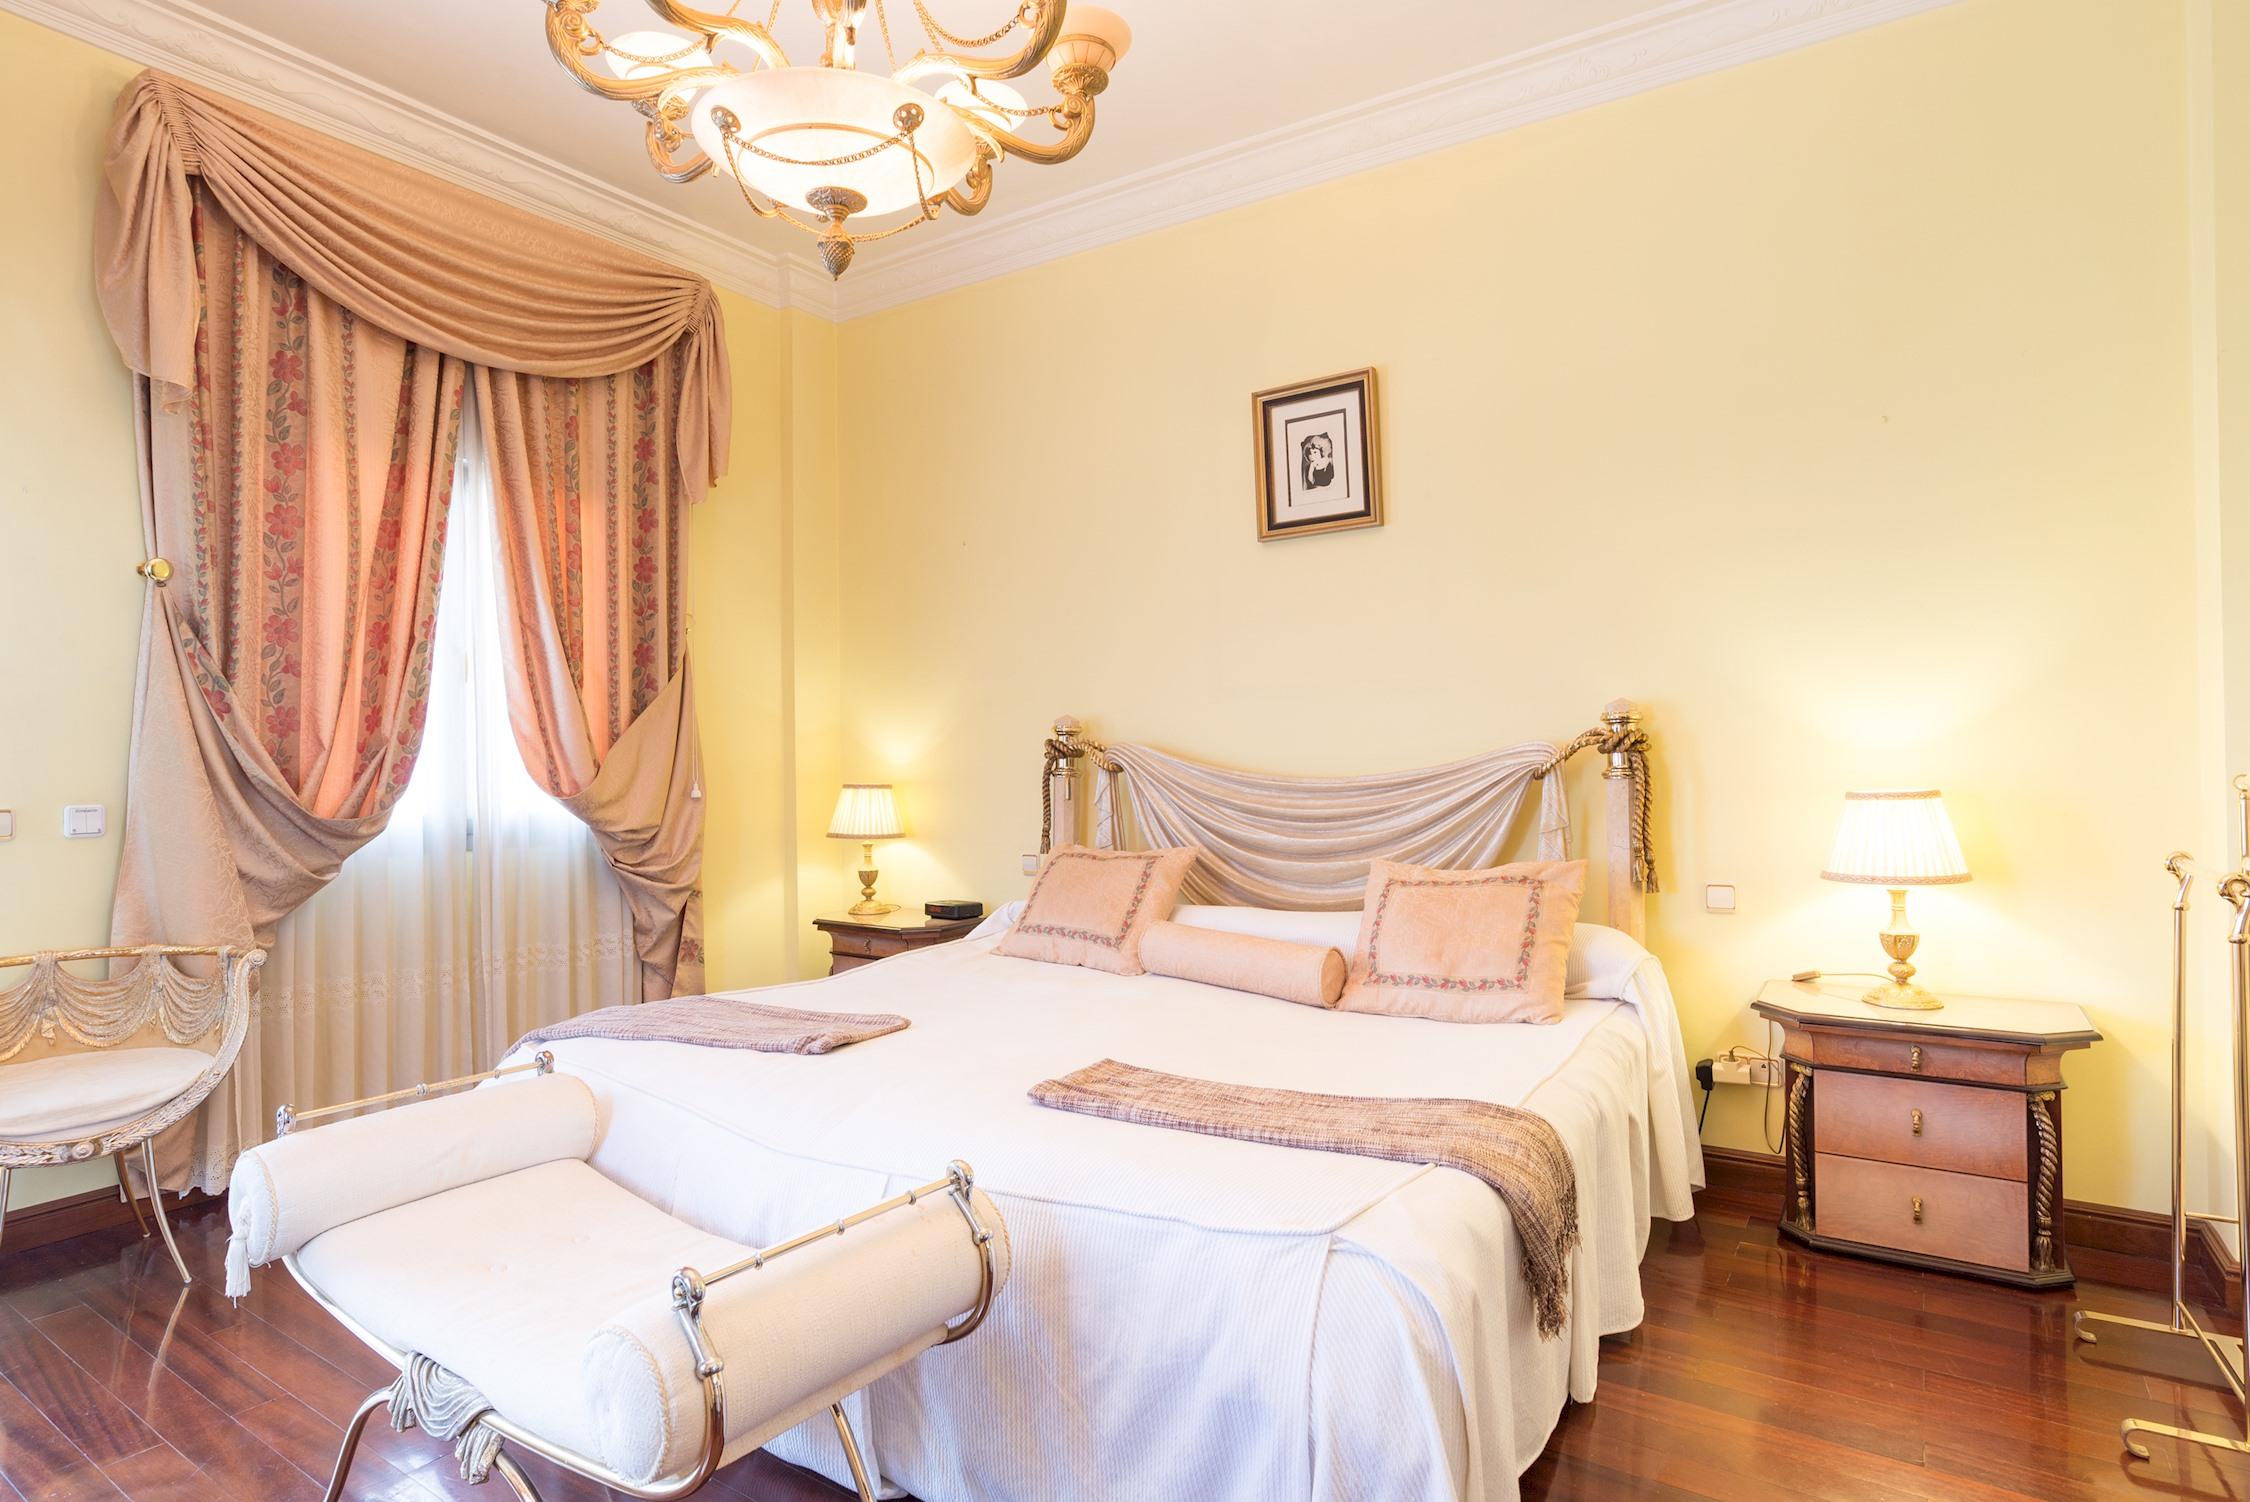 Apartment MalagaSuite Fancy House photo 20506928